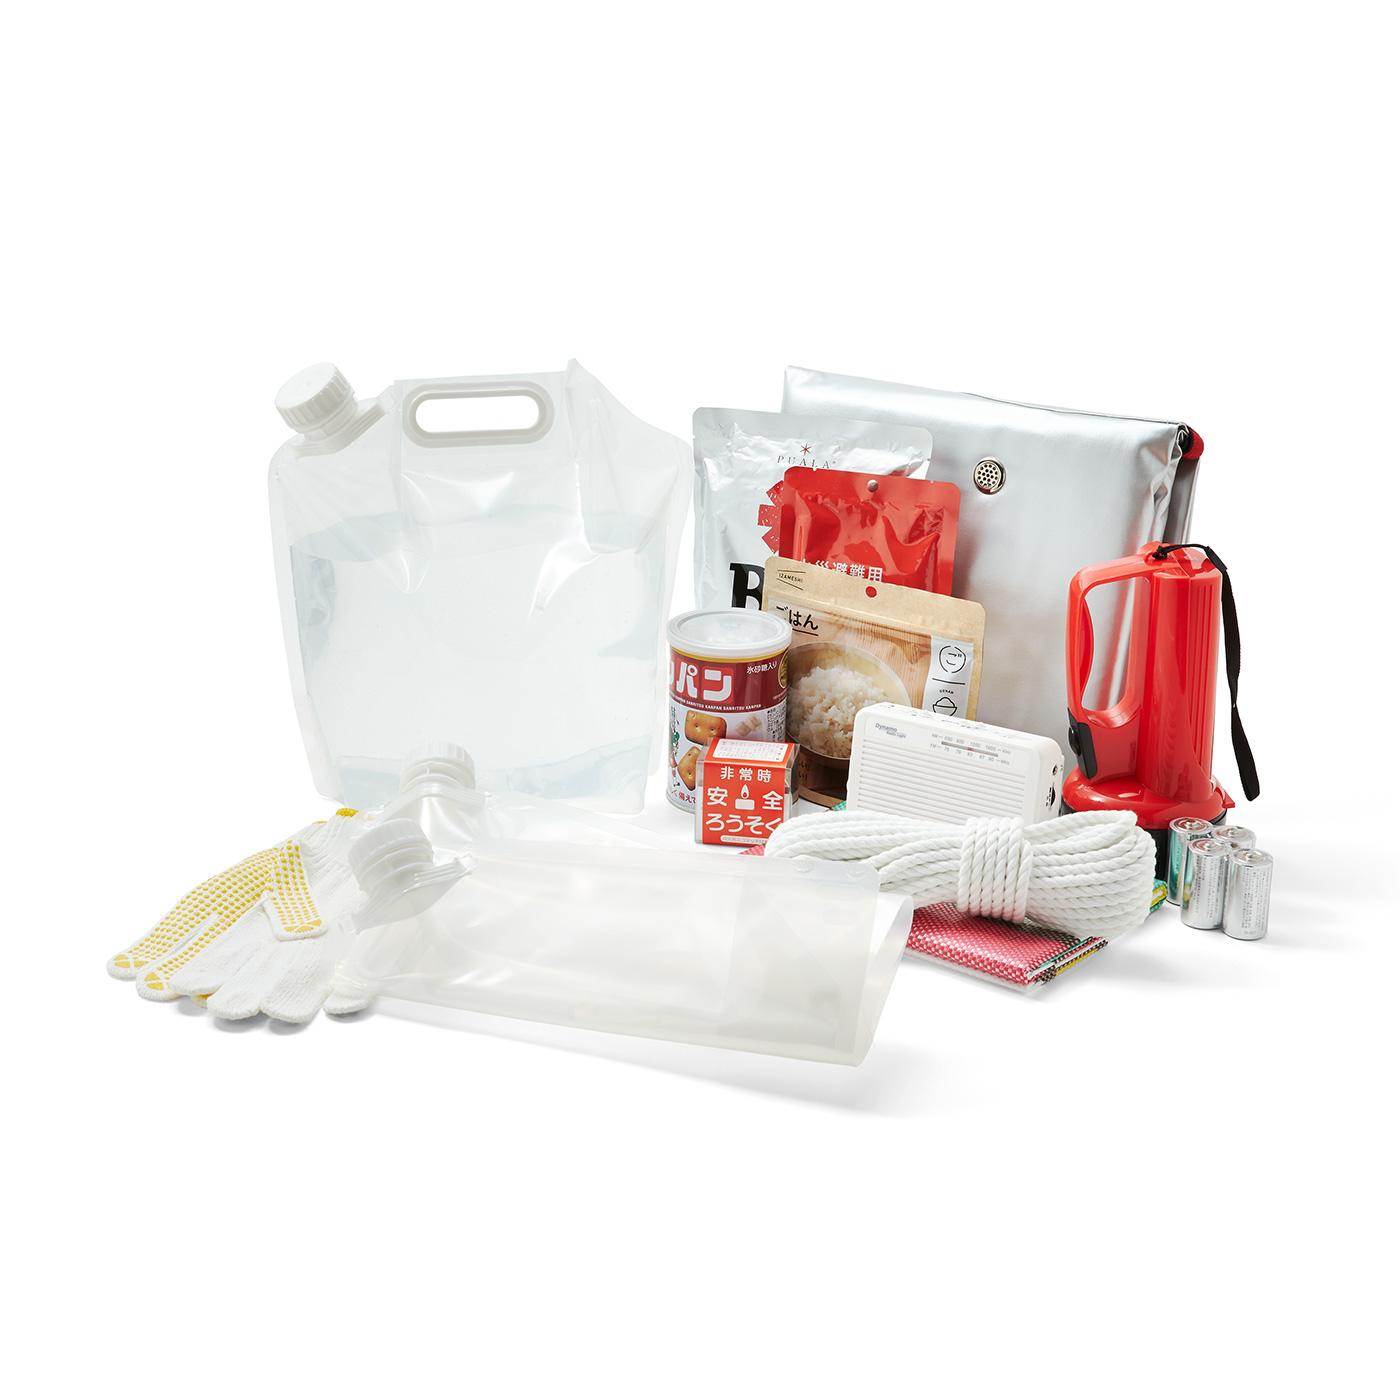 防災バッグの中に入れておけば、もしもの時も大助かり!